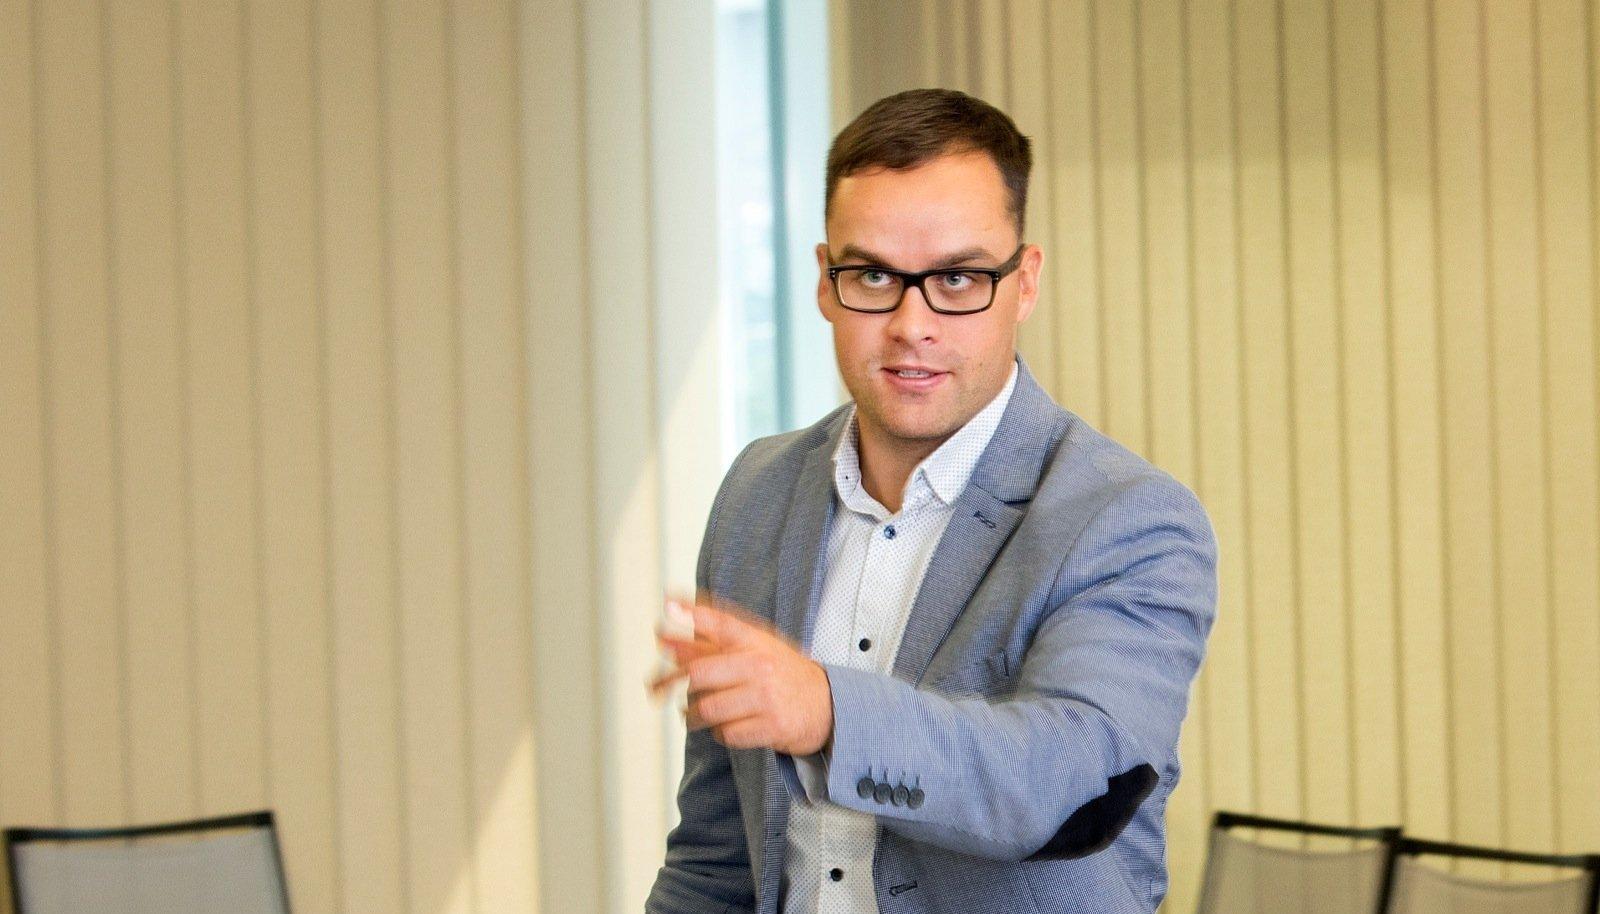 Retsidiviste, kelle puhul maksuamet peab minema lõpuni, jääb aina vähemaks, kinnitab maksuametnik Oscar Õun. Eesti riik on Euroopa võrdluses tõhus maksude koguja.